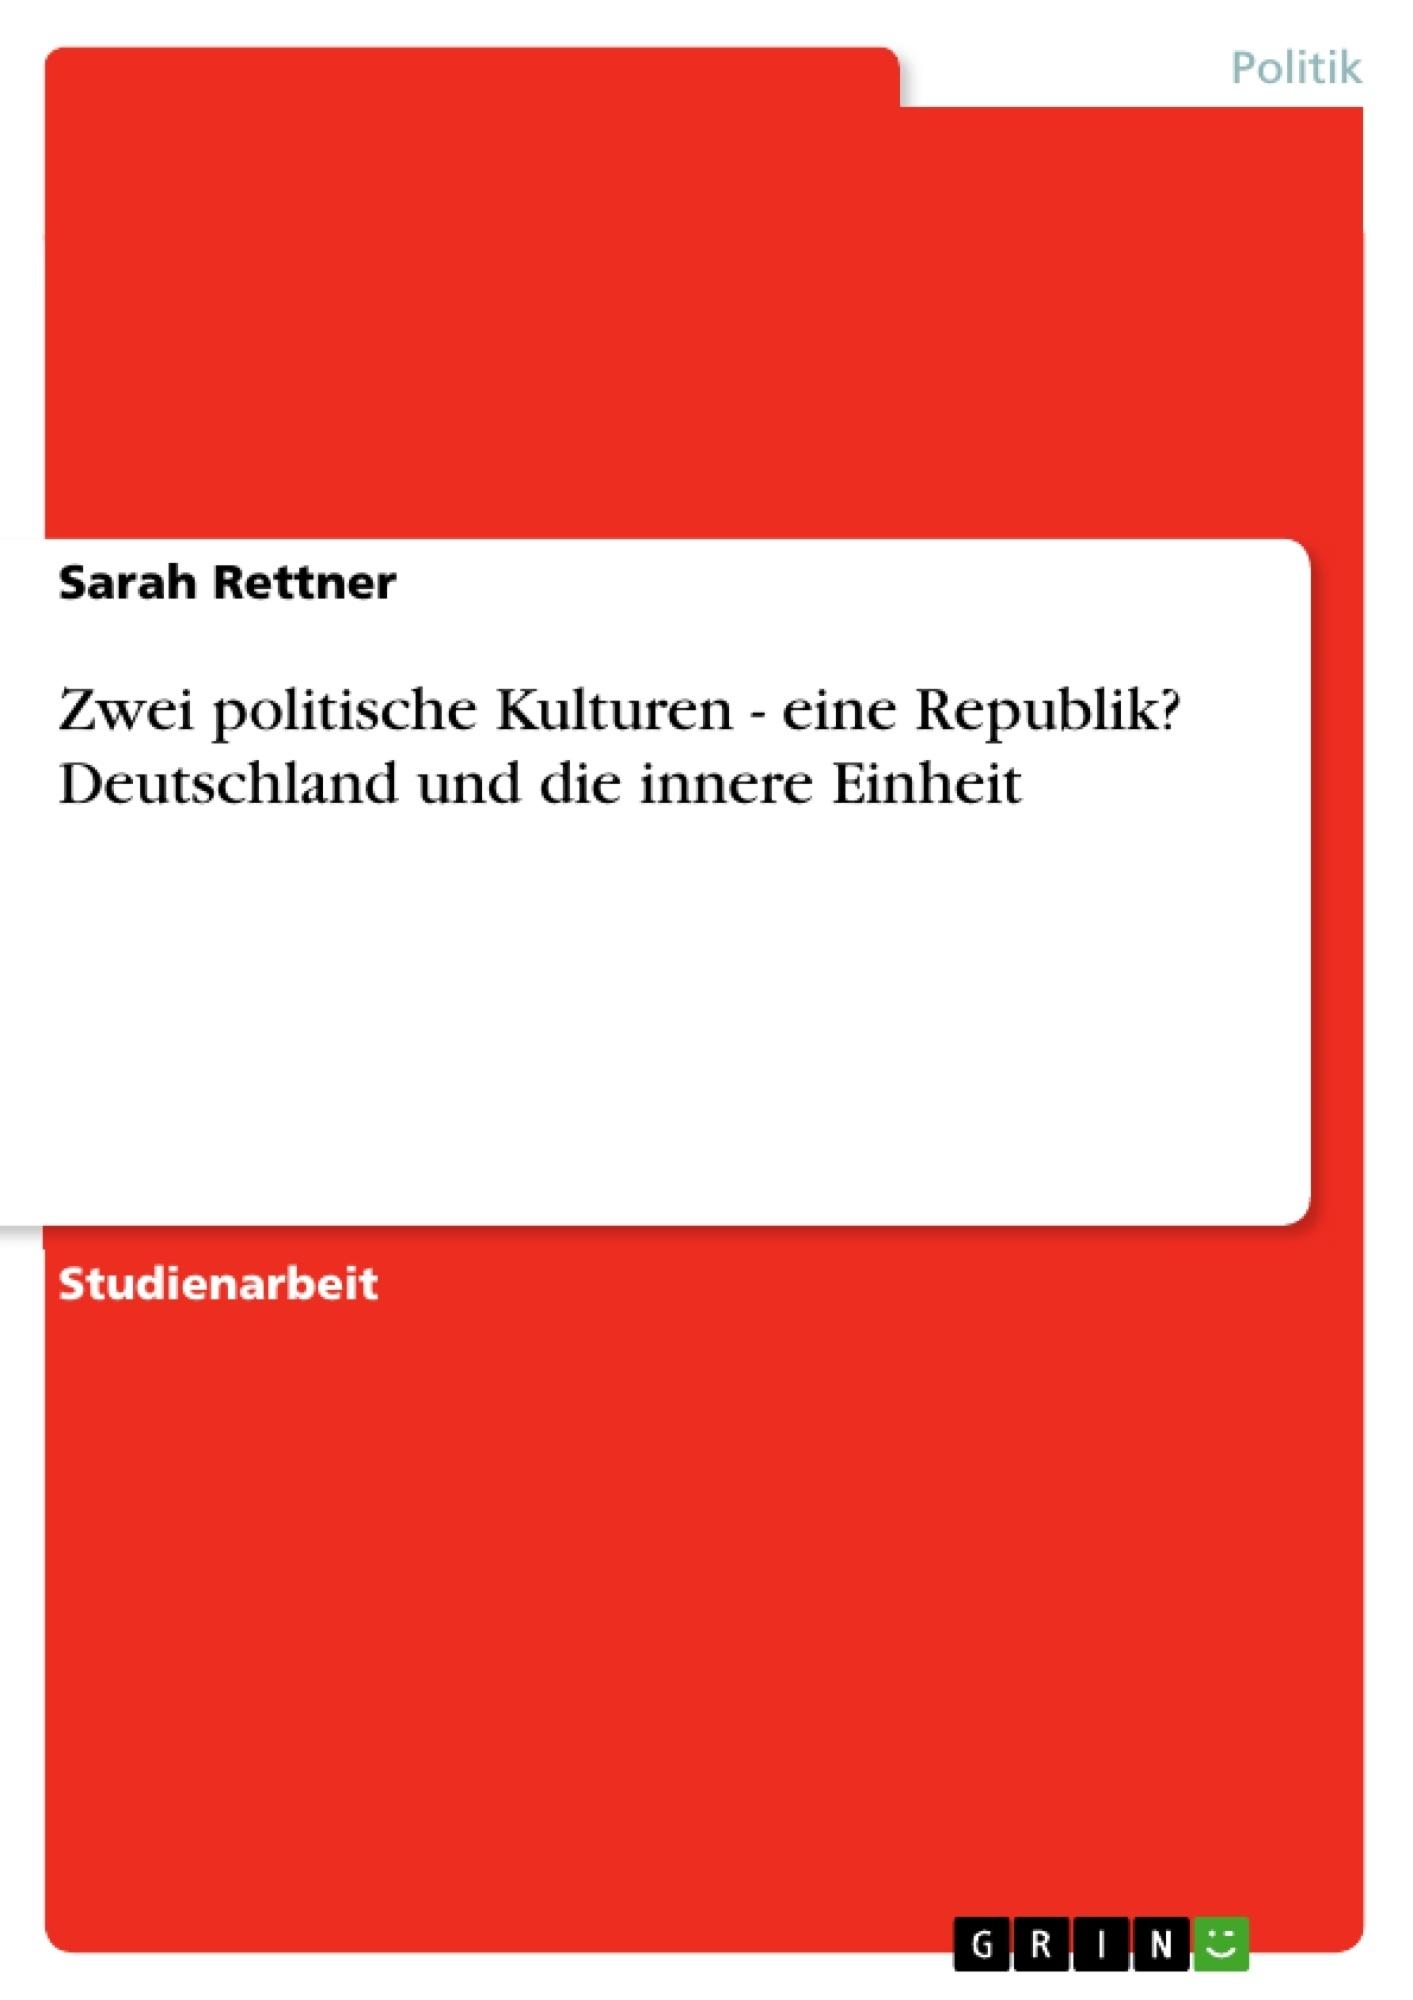 Titel: Zwei politische Kulturen - eine Republik? Deutschland und die innere Einheit